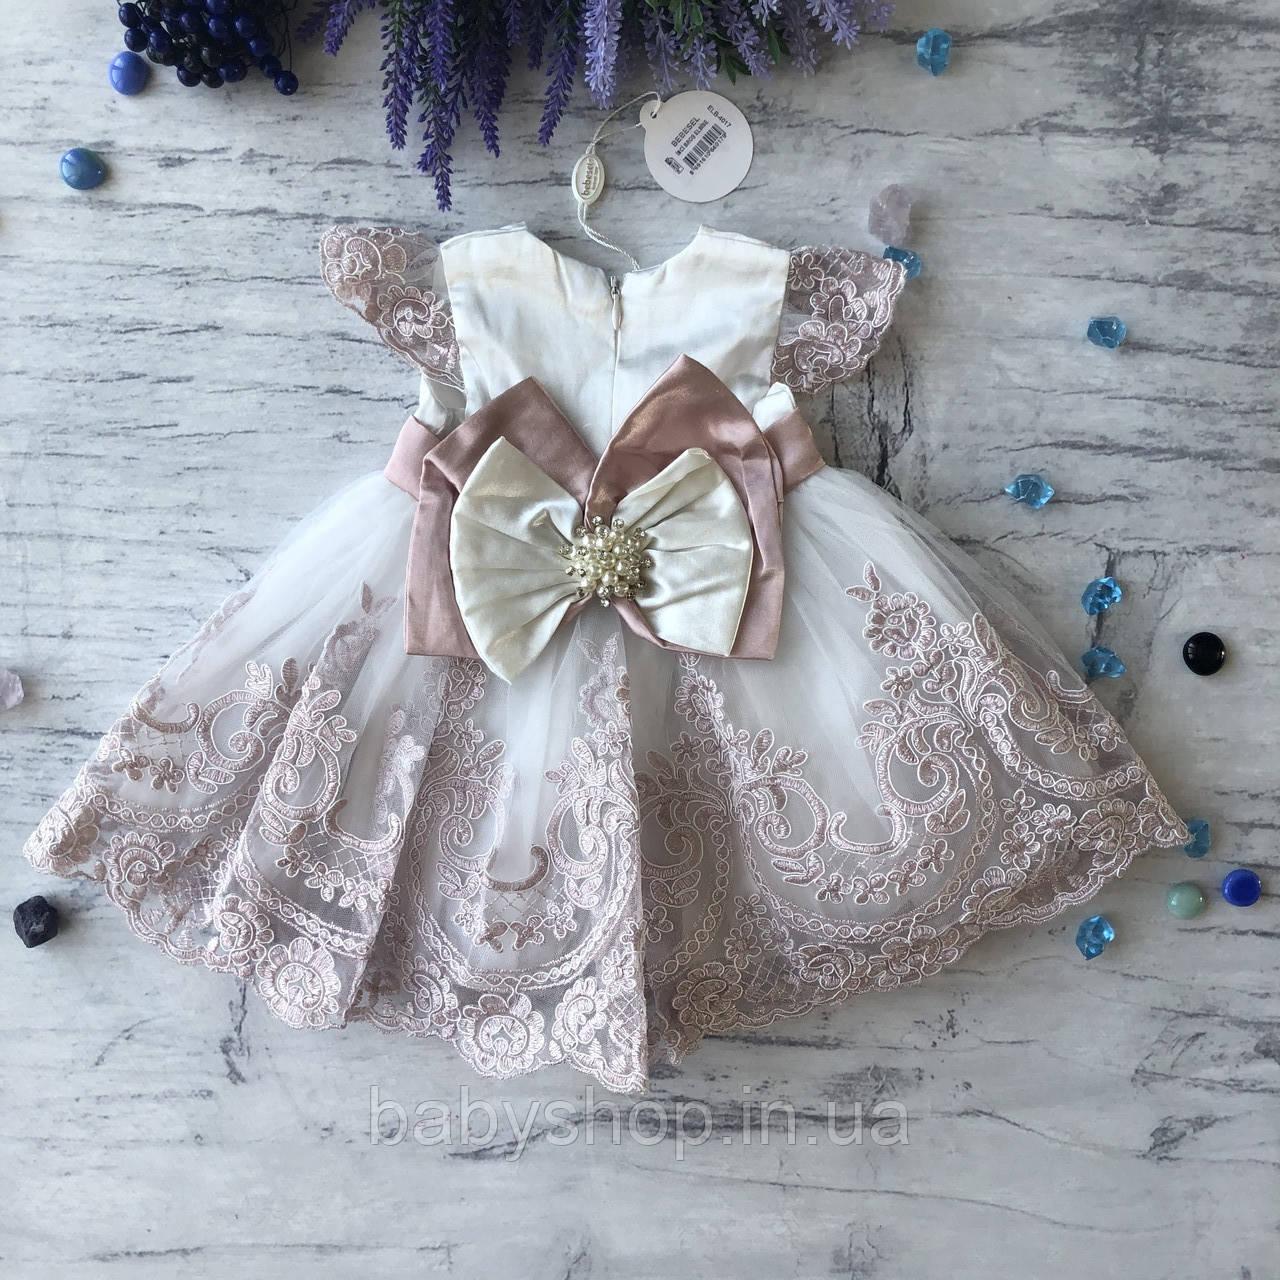 Нарядное белое платье с бантом на девочку на девочку 9. Размеры 3 мес